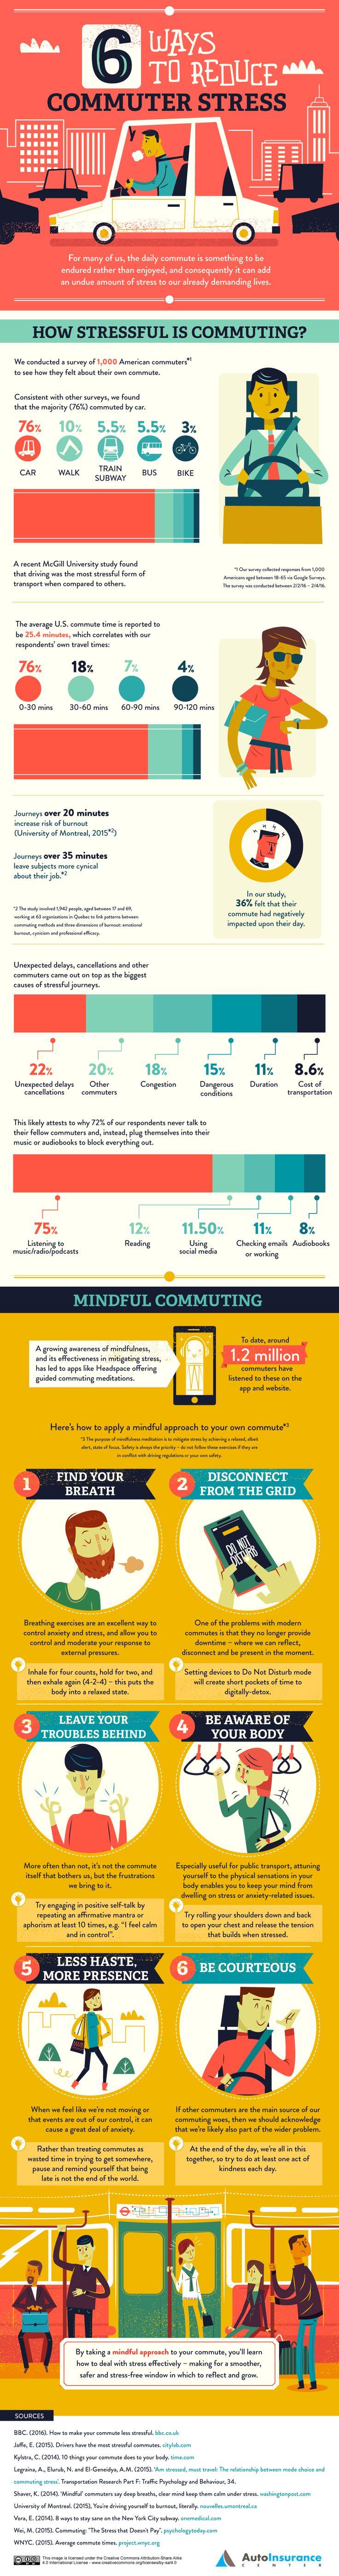 reduce-commuter-stress V1